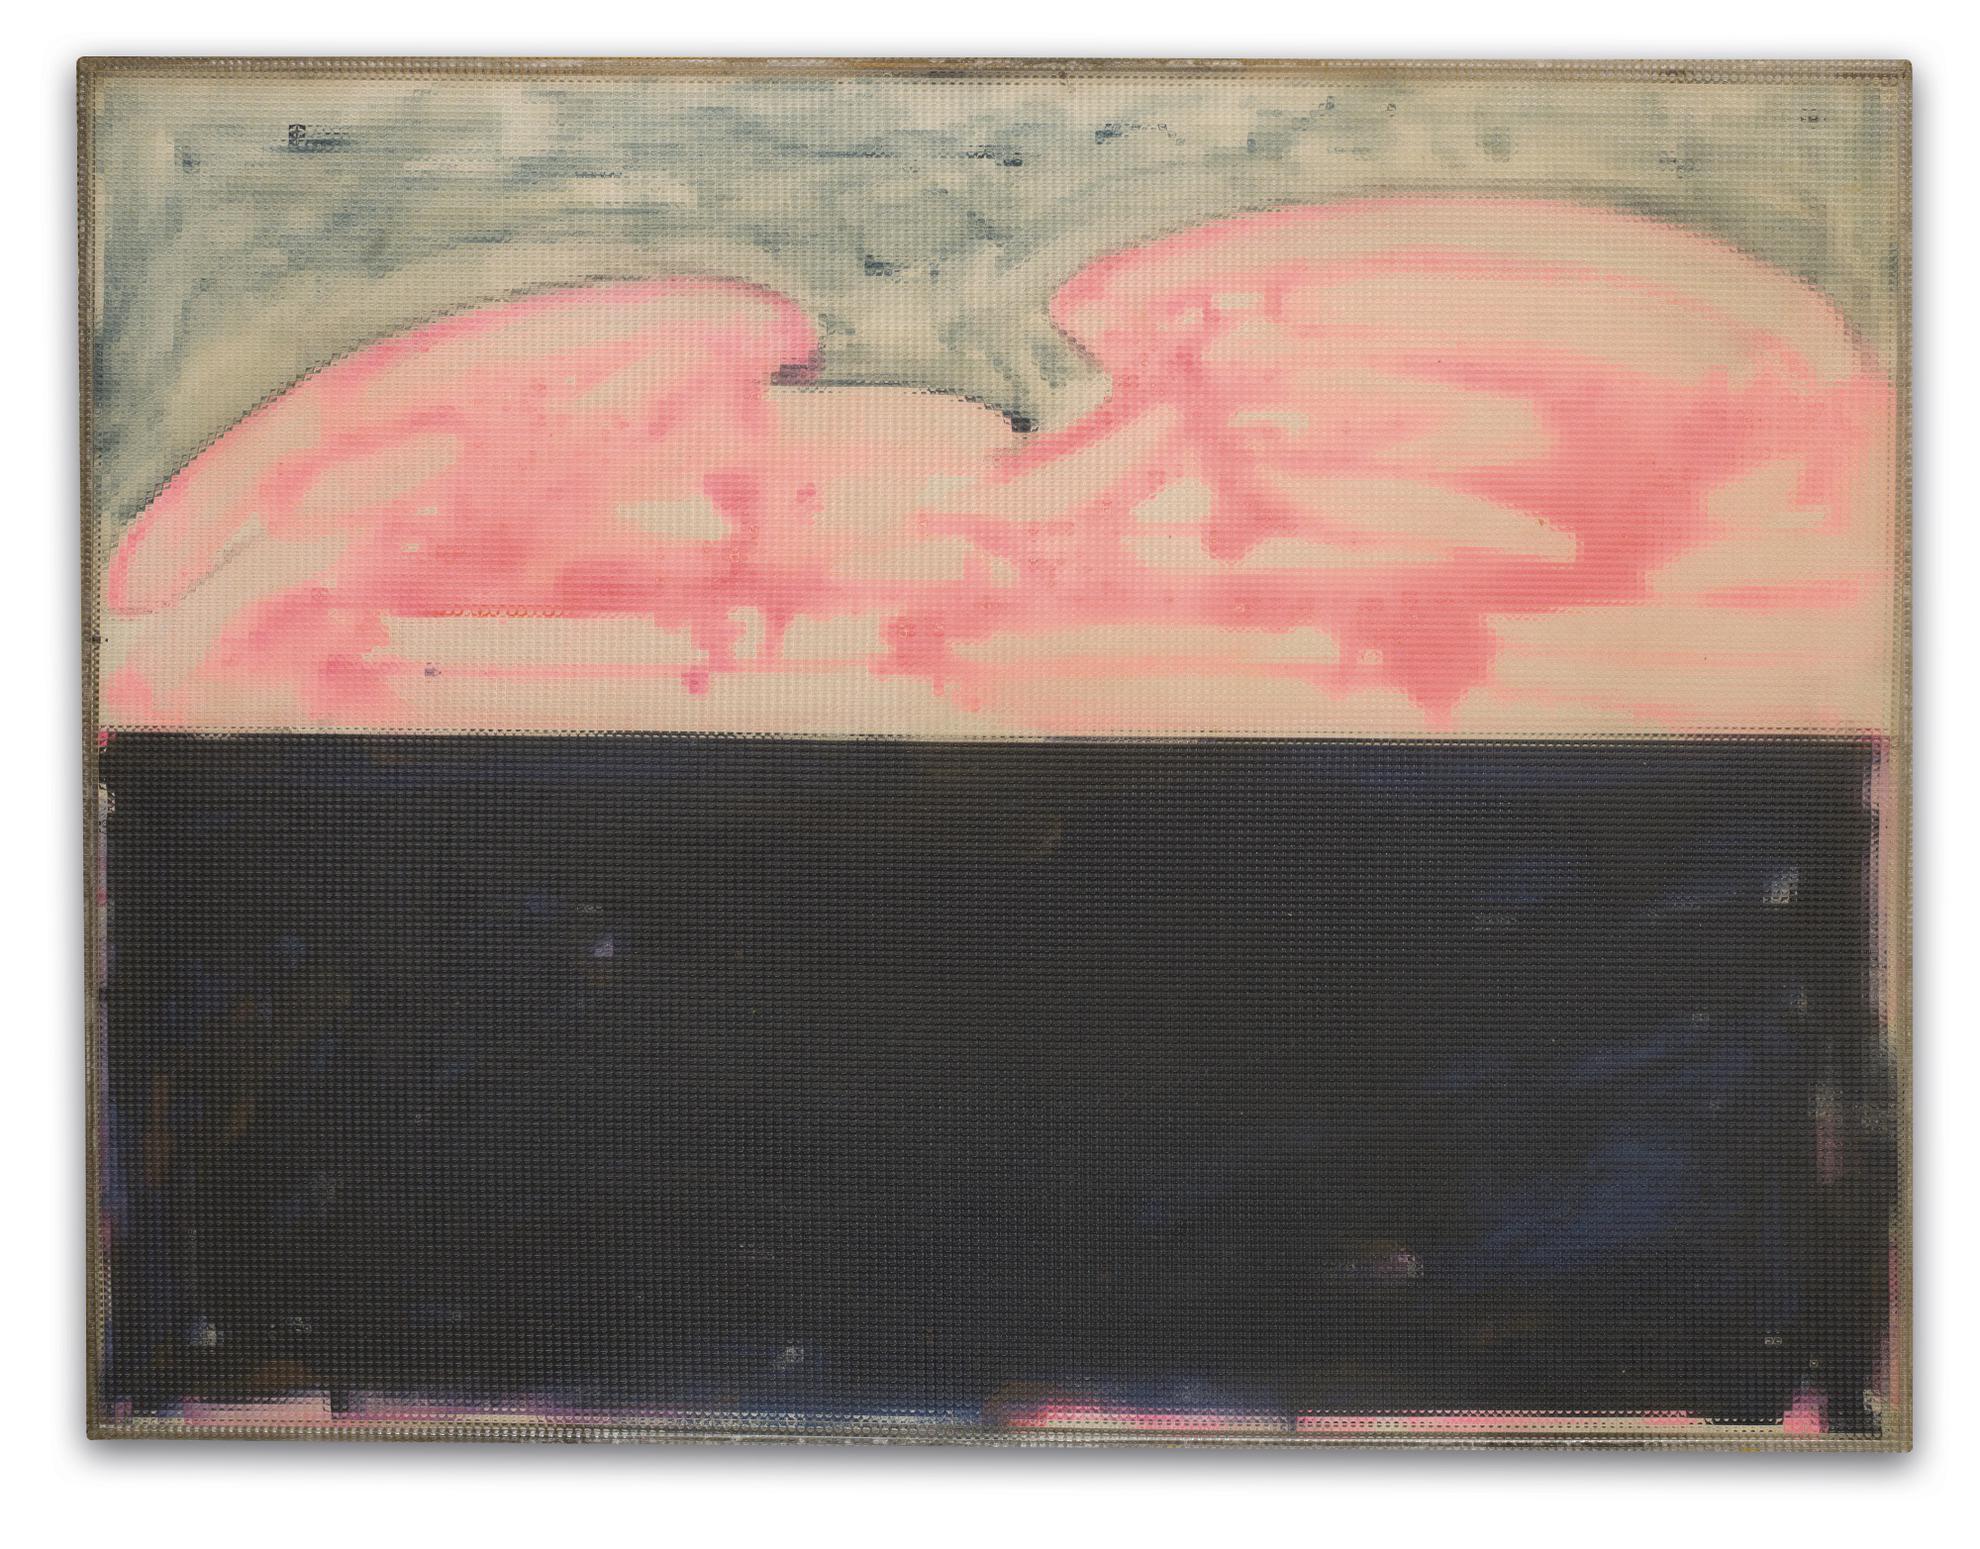 Mario Schifano-Paesaggio Anemico-1970